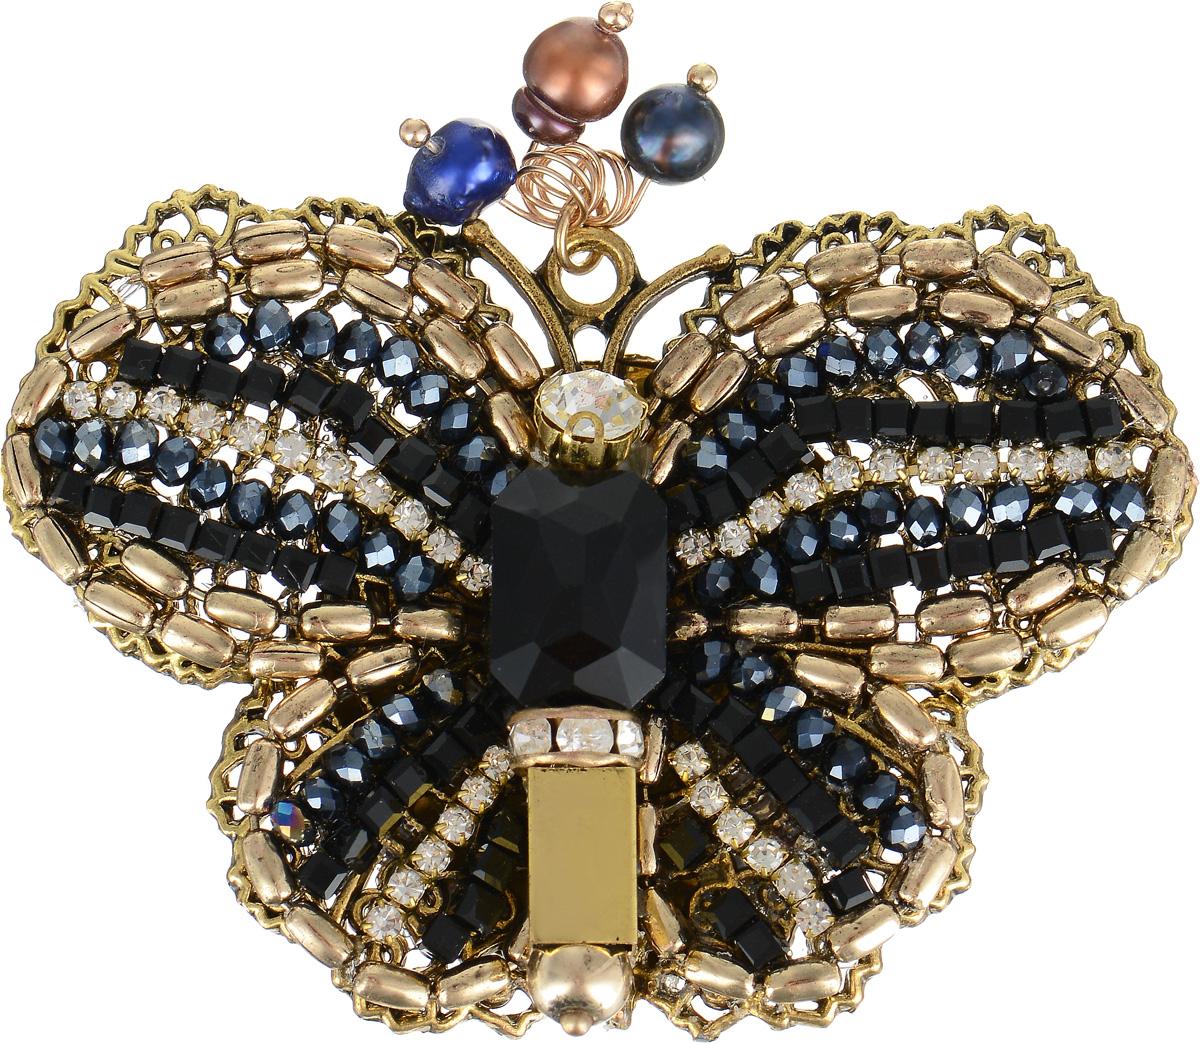 Брошь Selena Borgia, цвет: золотистый, синий. 30027200Брошь-кулонБрошь Selena Borgia изготовлена из латуни с гальваническим покрытием золотом с эффектом состаривания. Изделие выполнено в виде роскошной бабочки, инкрустировано кристаллами Preciosa и искусственным жемчугом. В коллекции Borgia испанские дизайнеры воплотили истинный дух Испании. Коллекция выполнена в стиле fashion, но особенность ее в том, что она сочетает в себе модные тенденции подиумов и состаренный стиль- благодаря покрытию цепочек и деталей украшений гальваникой методом антик. Украшения можно носить в любое время года, они уместны на празднике, на прогулке и на работе.